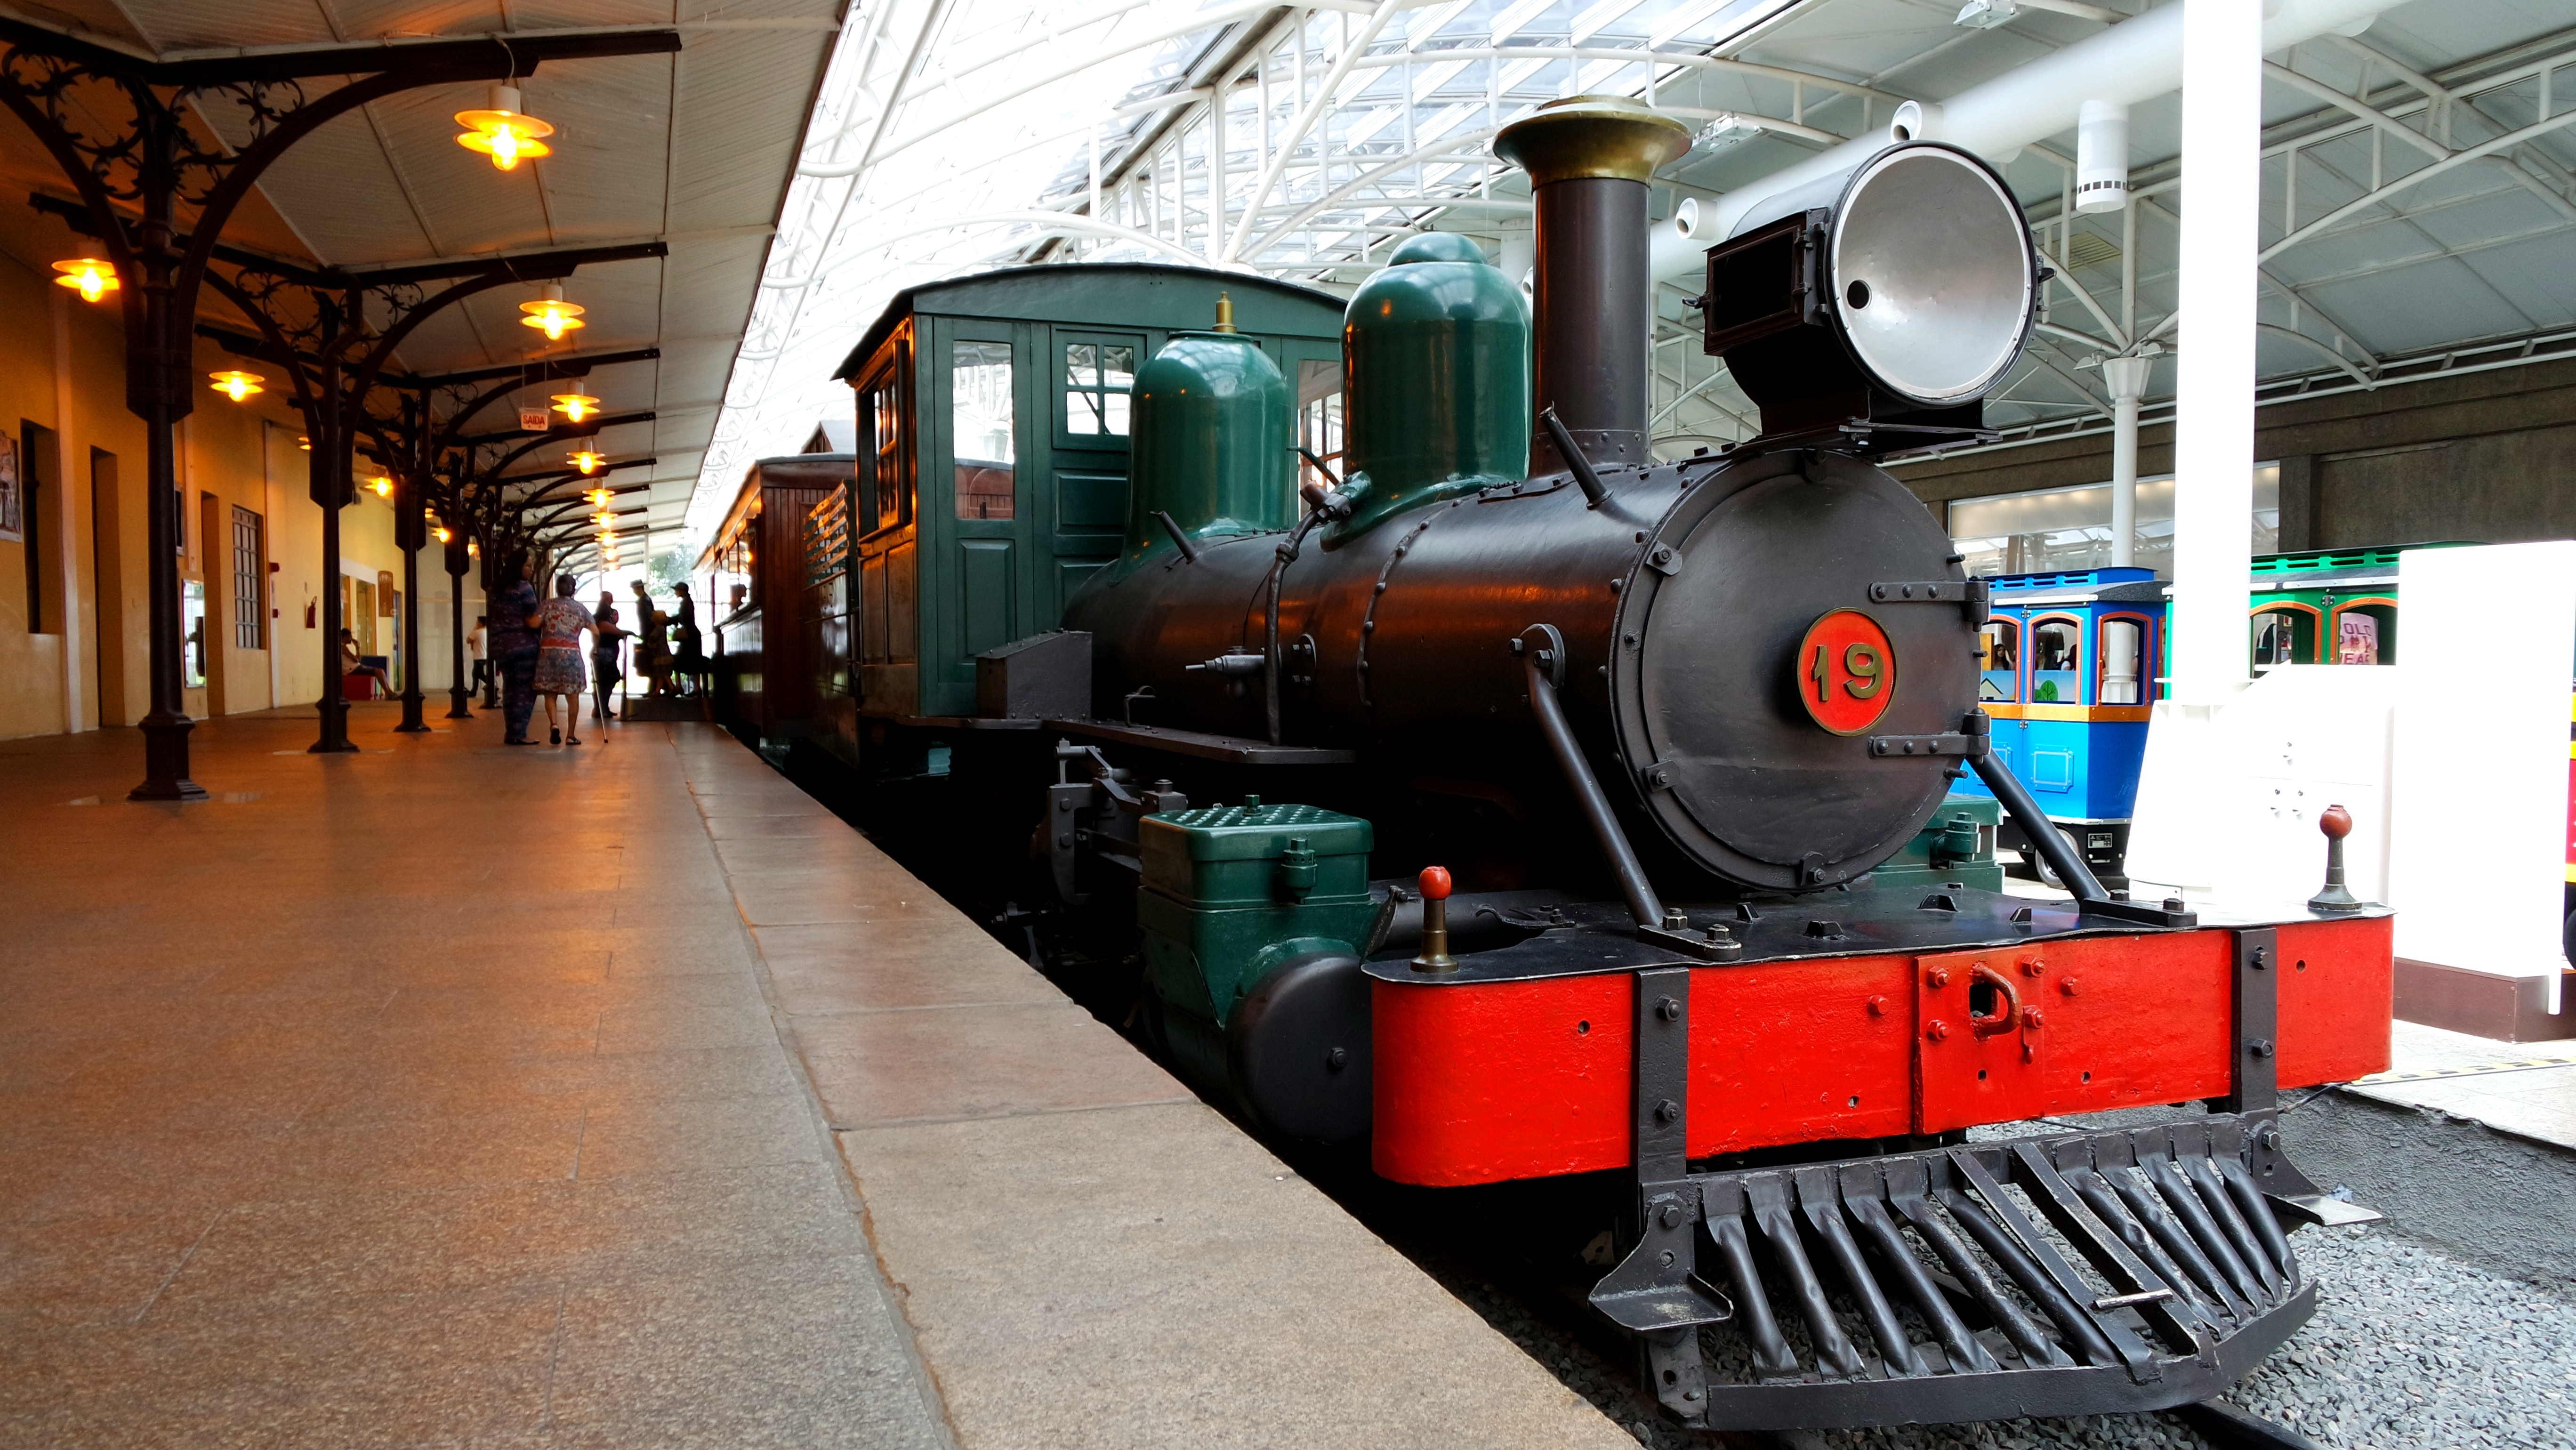 Locomotiva do início do século 20 no Museu Ferroviário de CUritiba